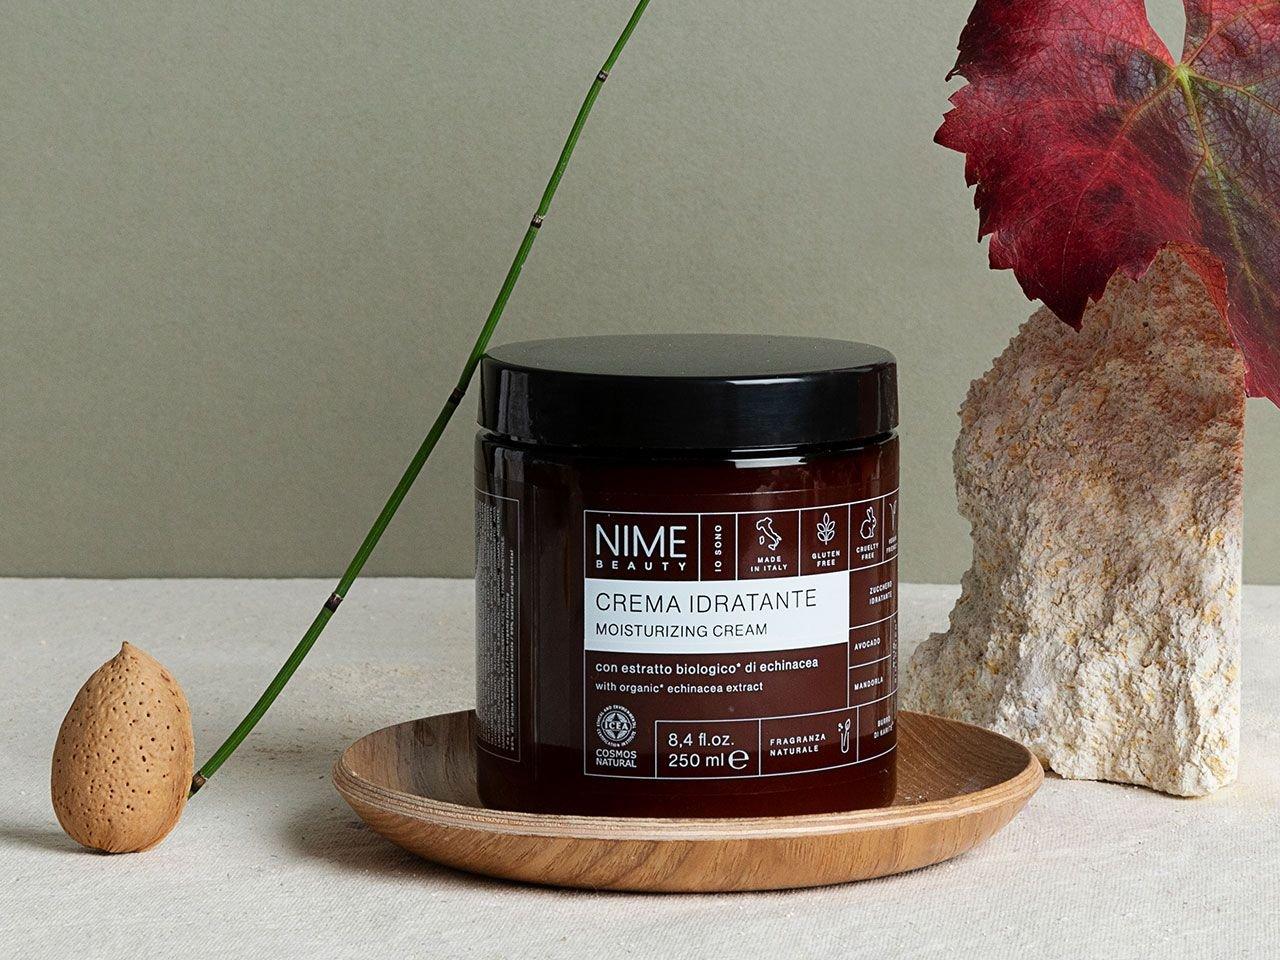 Crema Idratante con estratto biologico di echinacea - v4